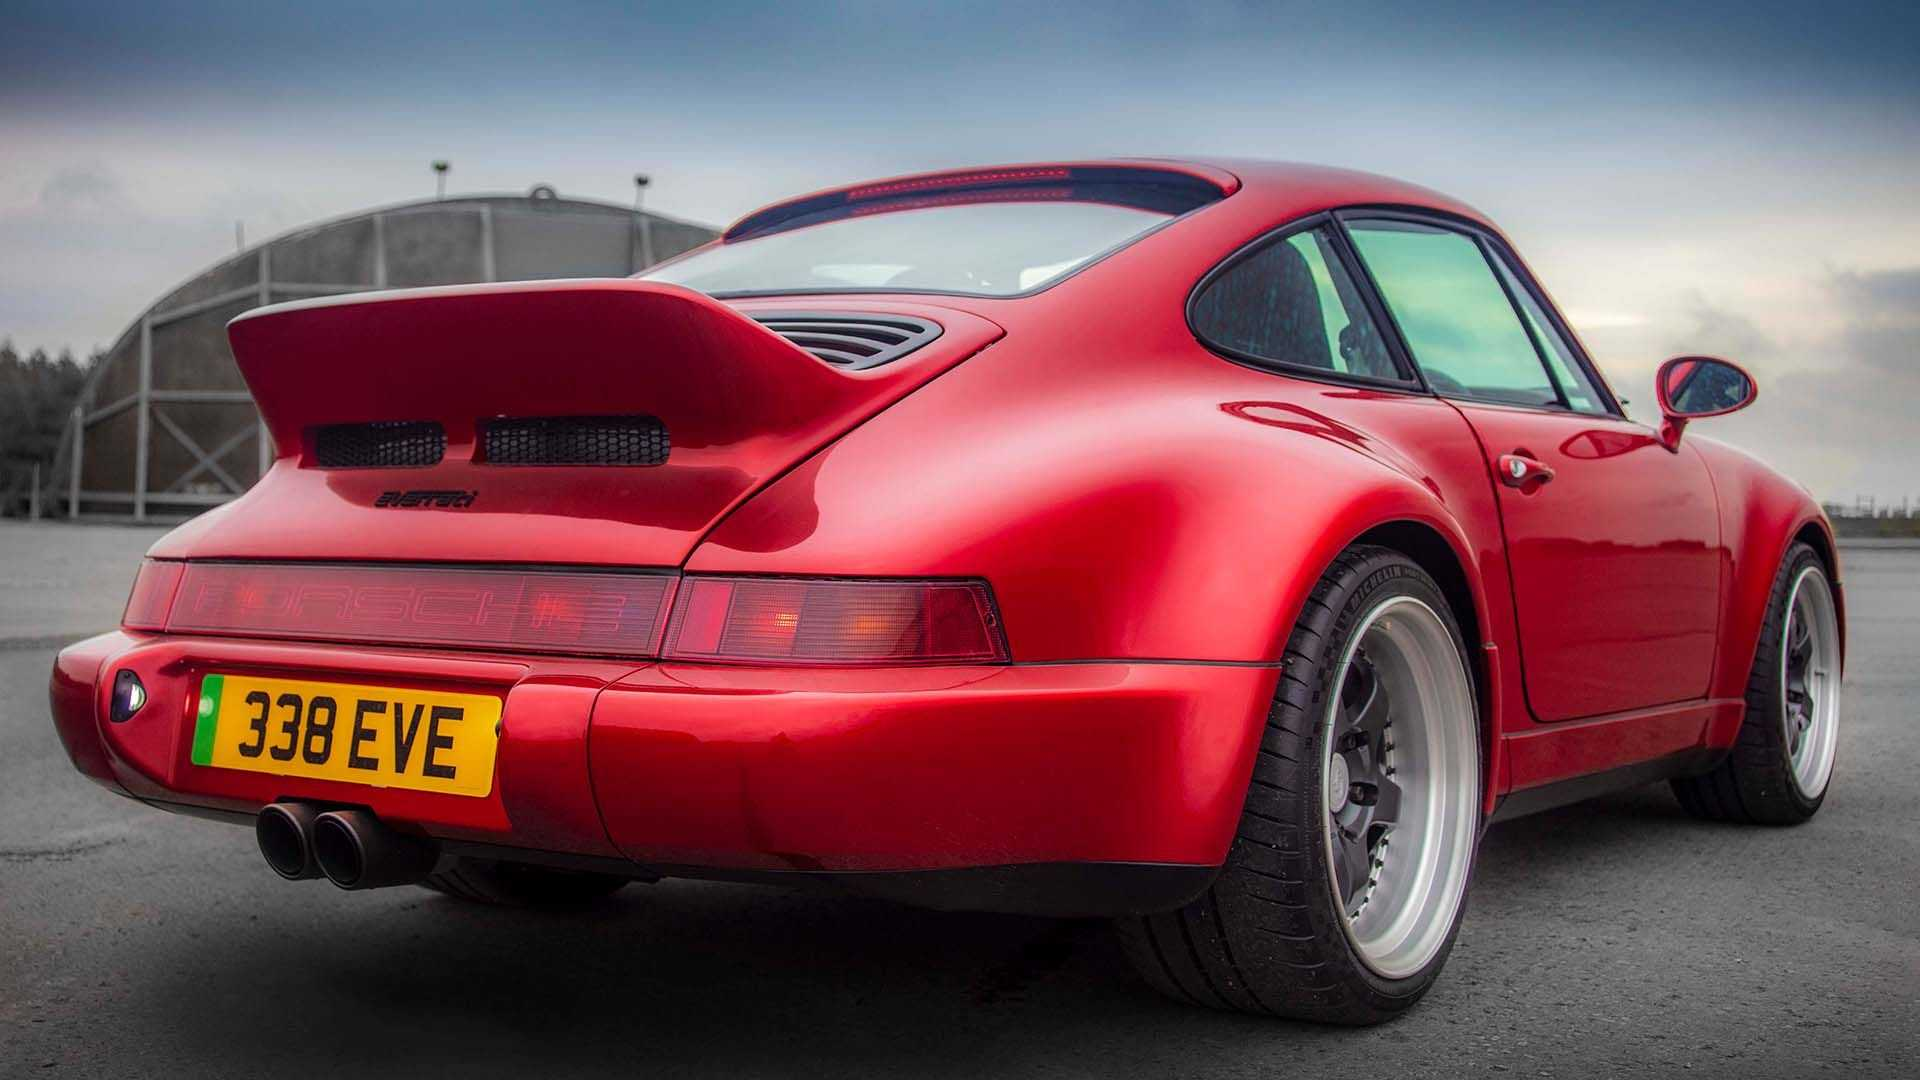 Porsche-911-964-EV-Restomod-2